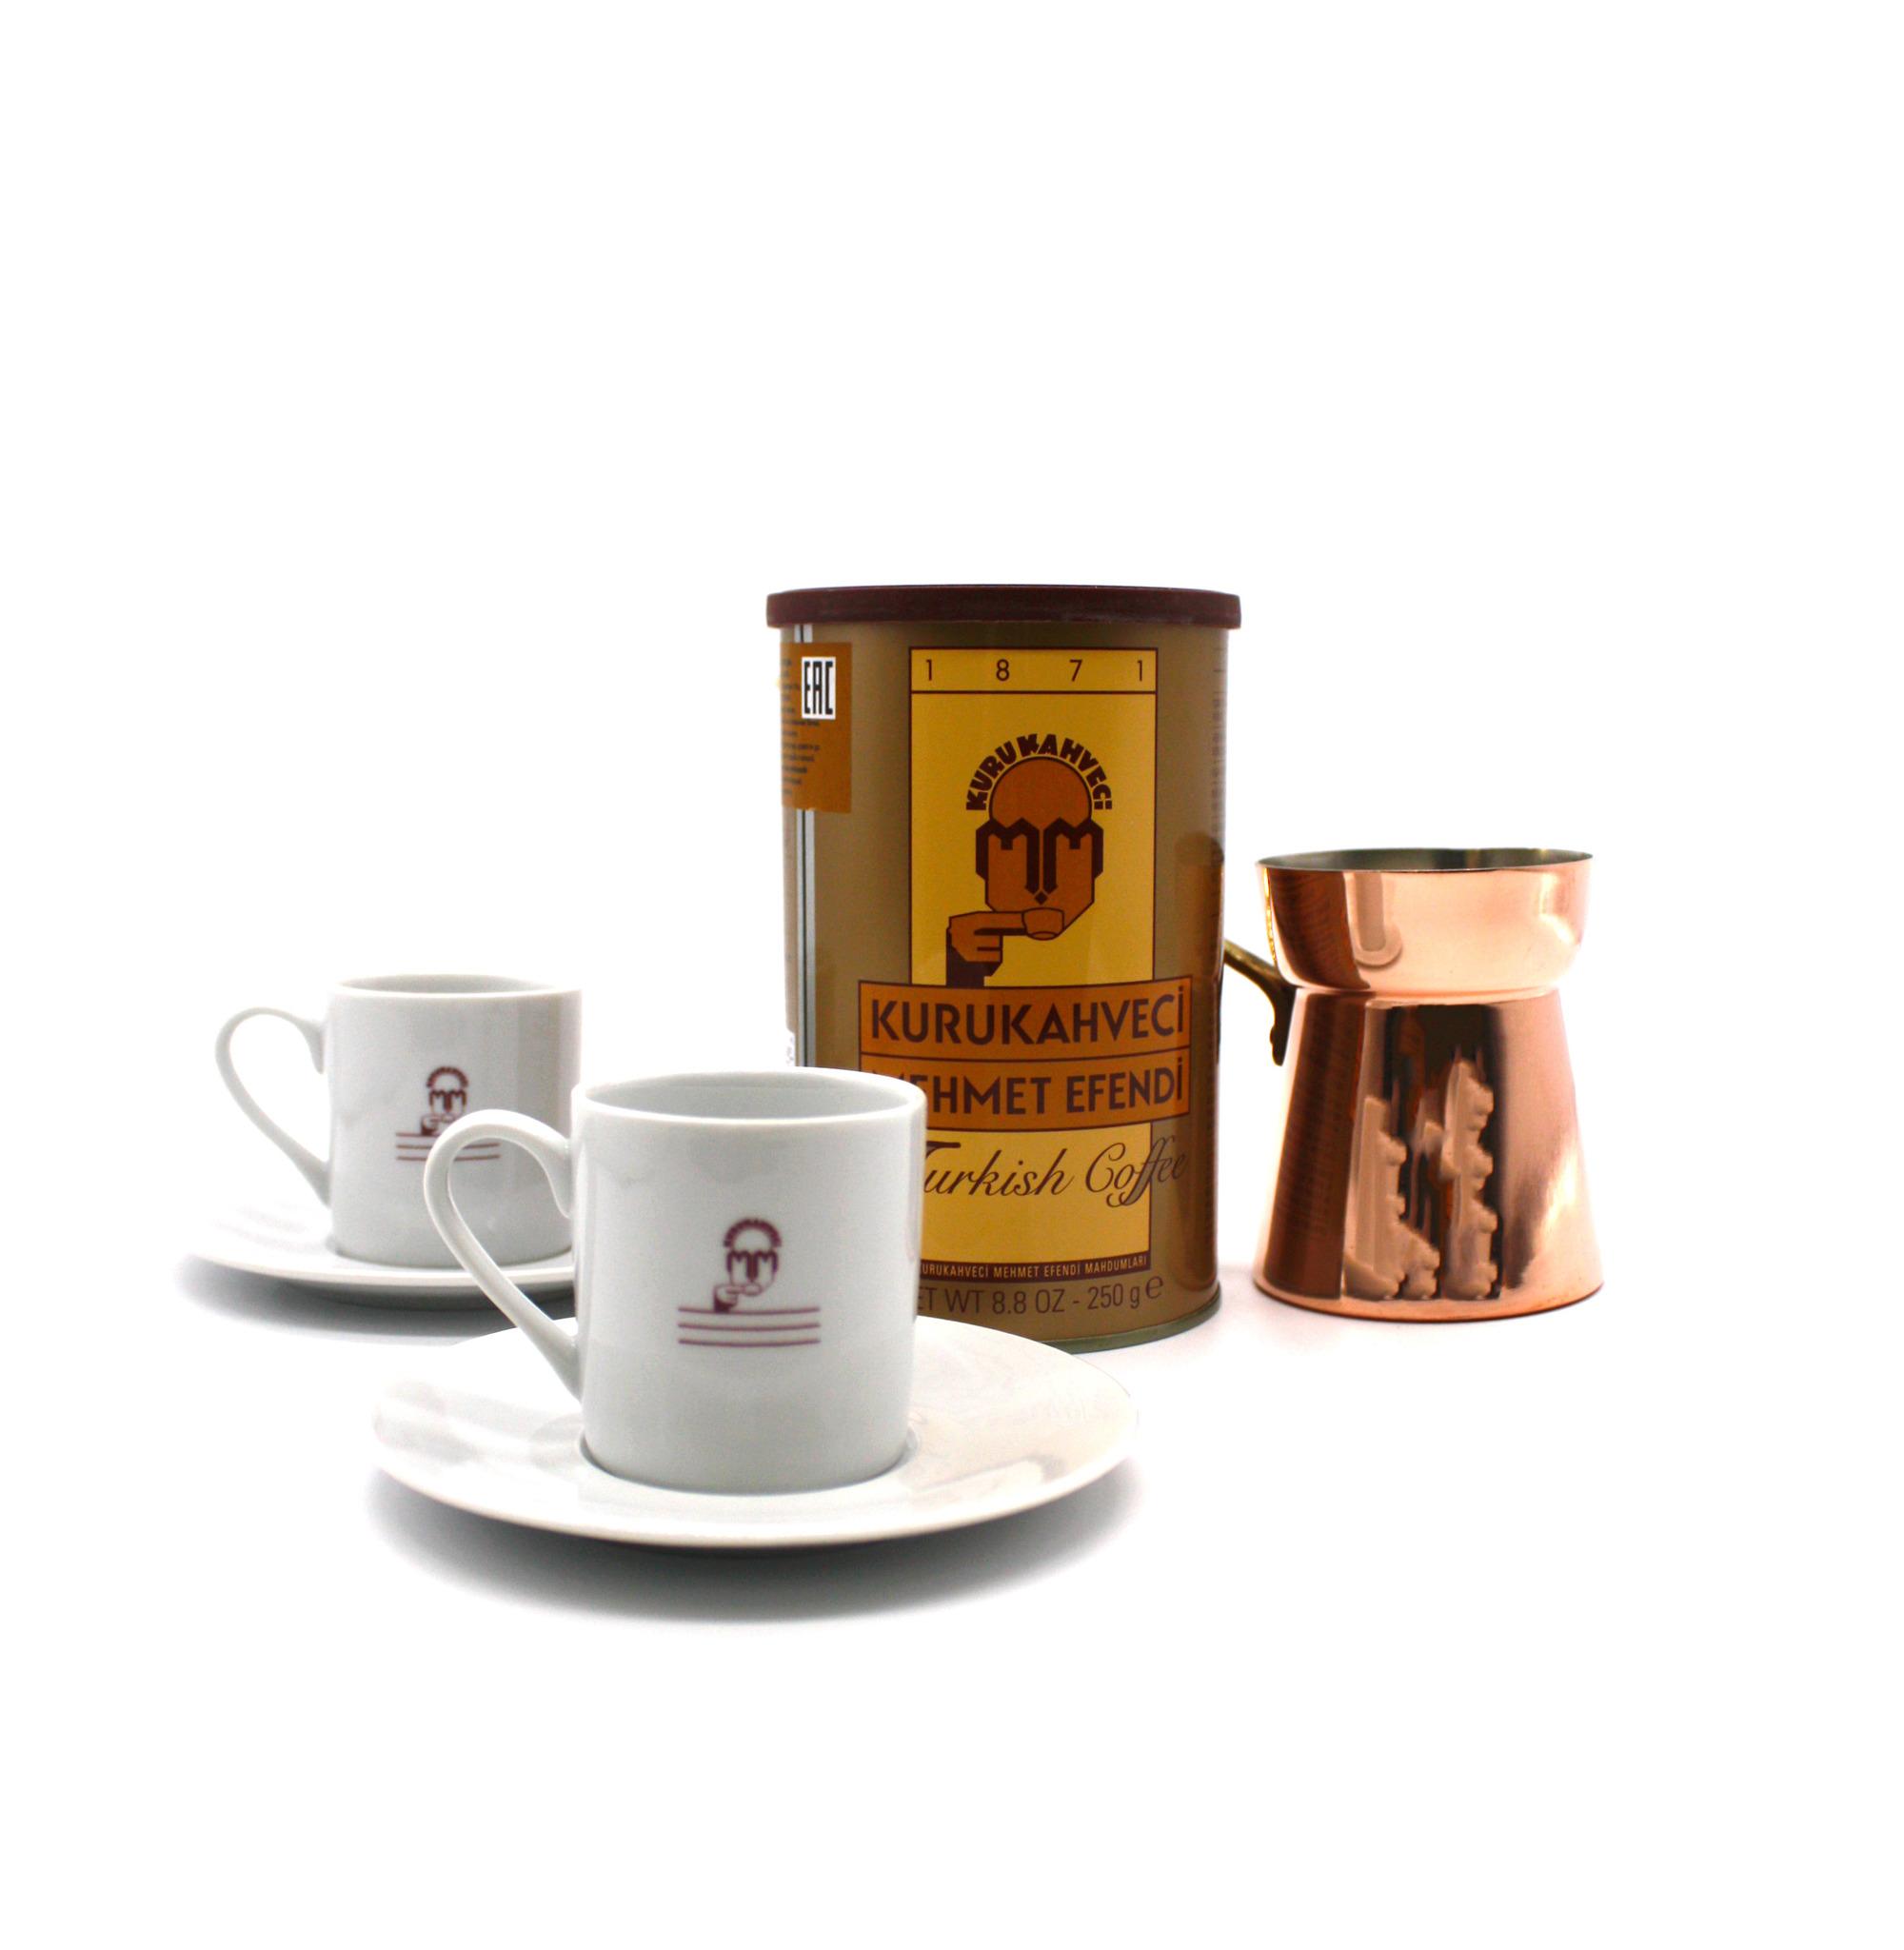 Mehmet Efendi Подарочный набор Mehmet Efendi (кофе молотый, турка и чашки) import_files_e8_e856e507c61511e8a99c484d7ecee297_e856e526c61511e8a99c484d7ecee297.jpg